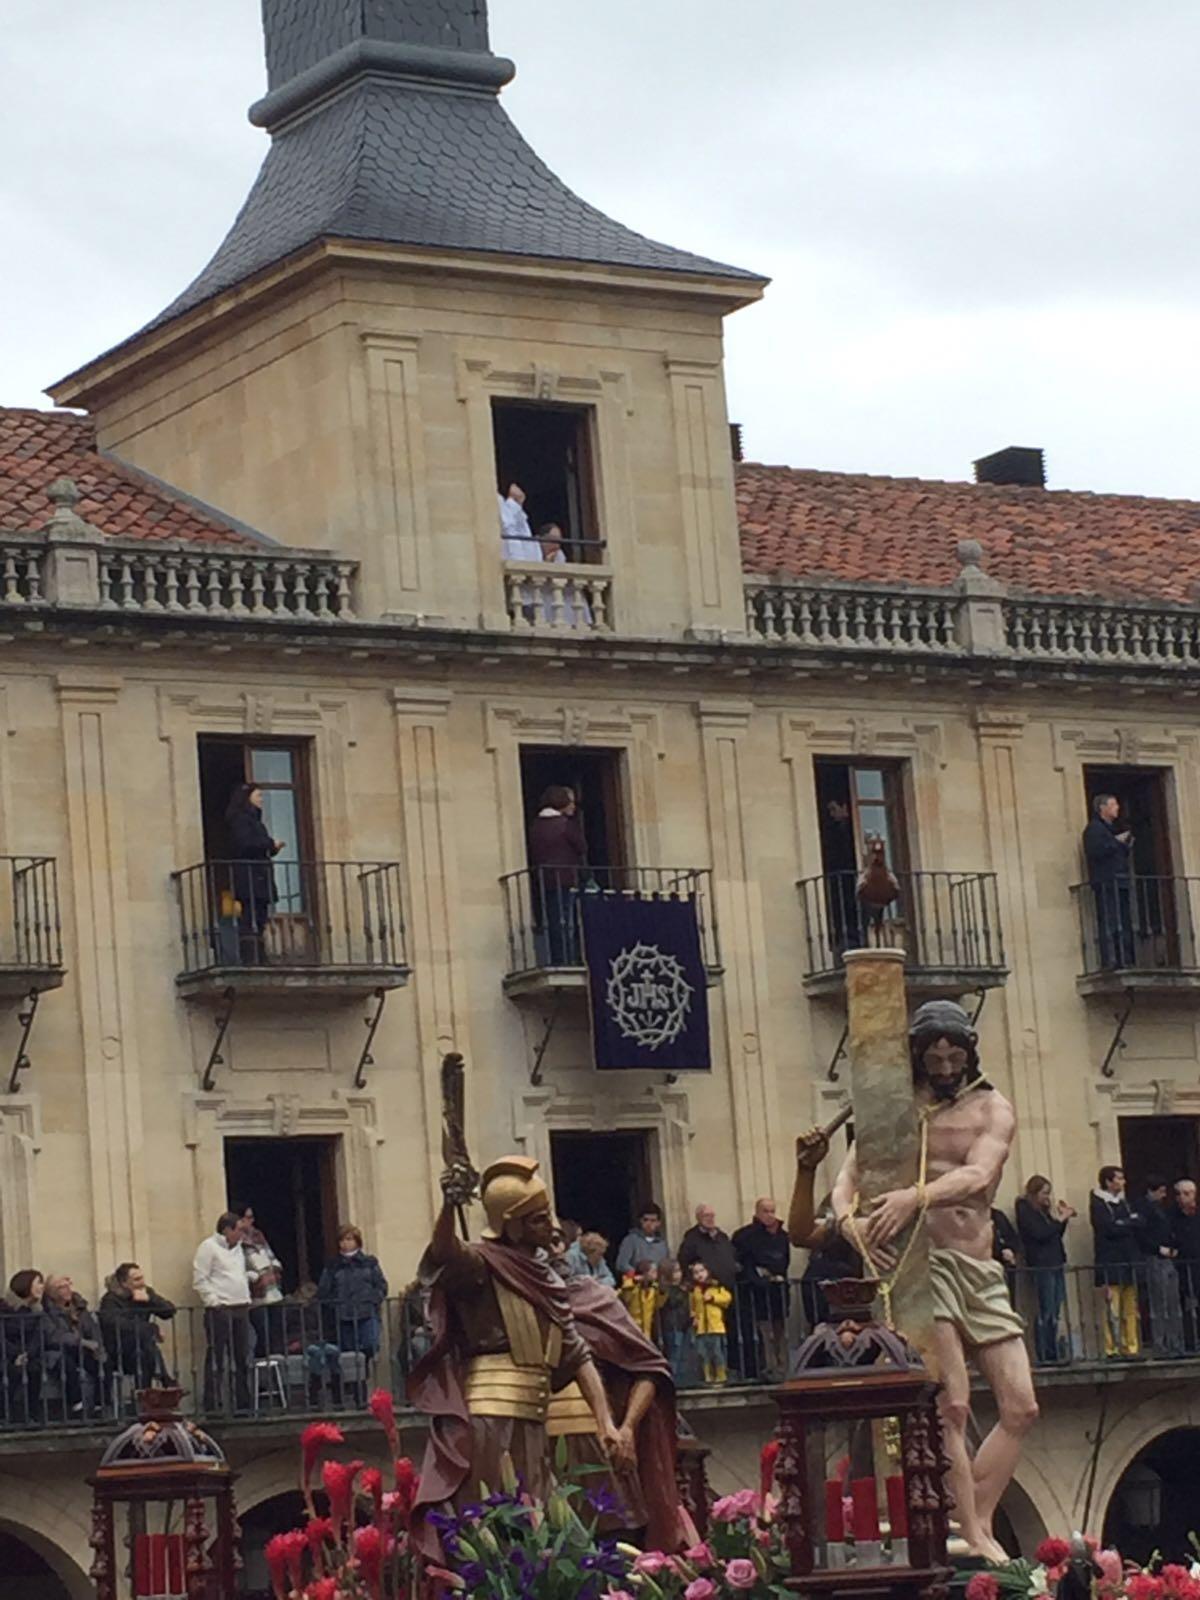 Si os fijais en el balcon dos turistas viendo la procesion en albornoz... yo flipaba... el dinero no da la clase... eso esta claro.